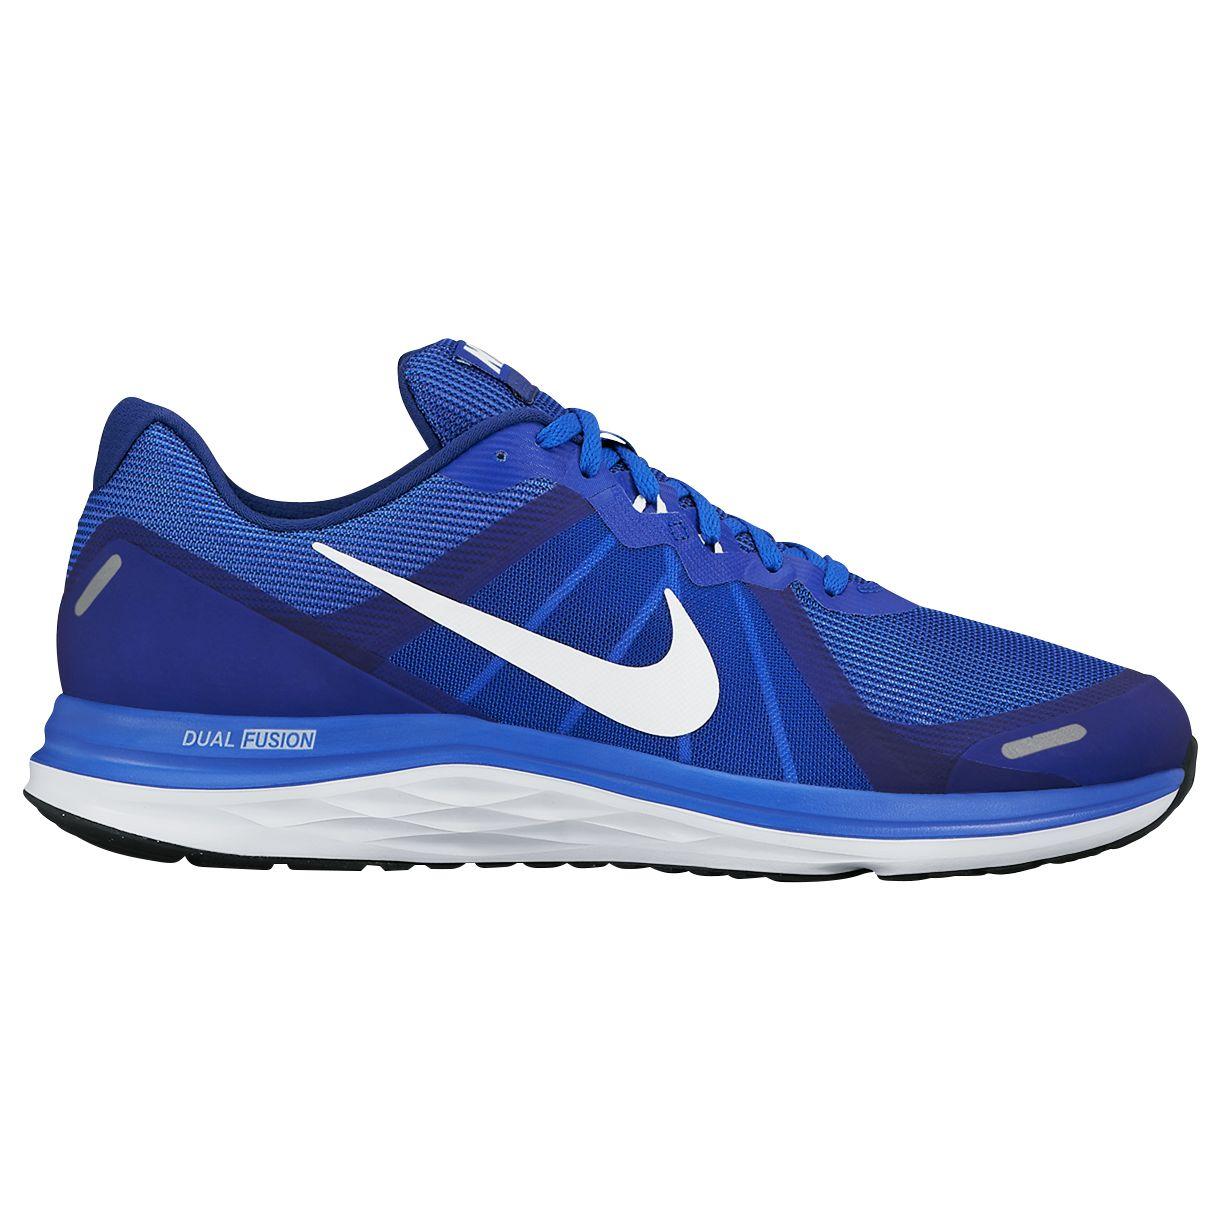 a0202548b4c Nike Dual Fusion X 2 Men s Running Shoes